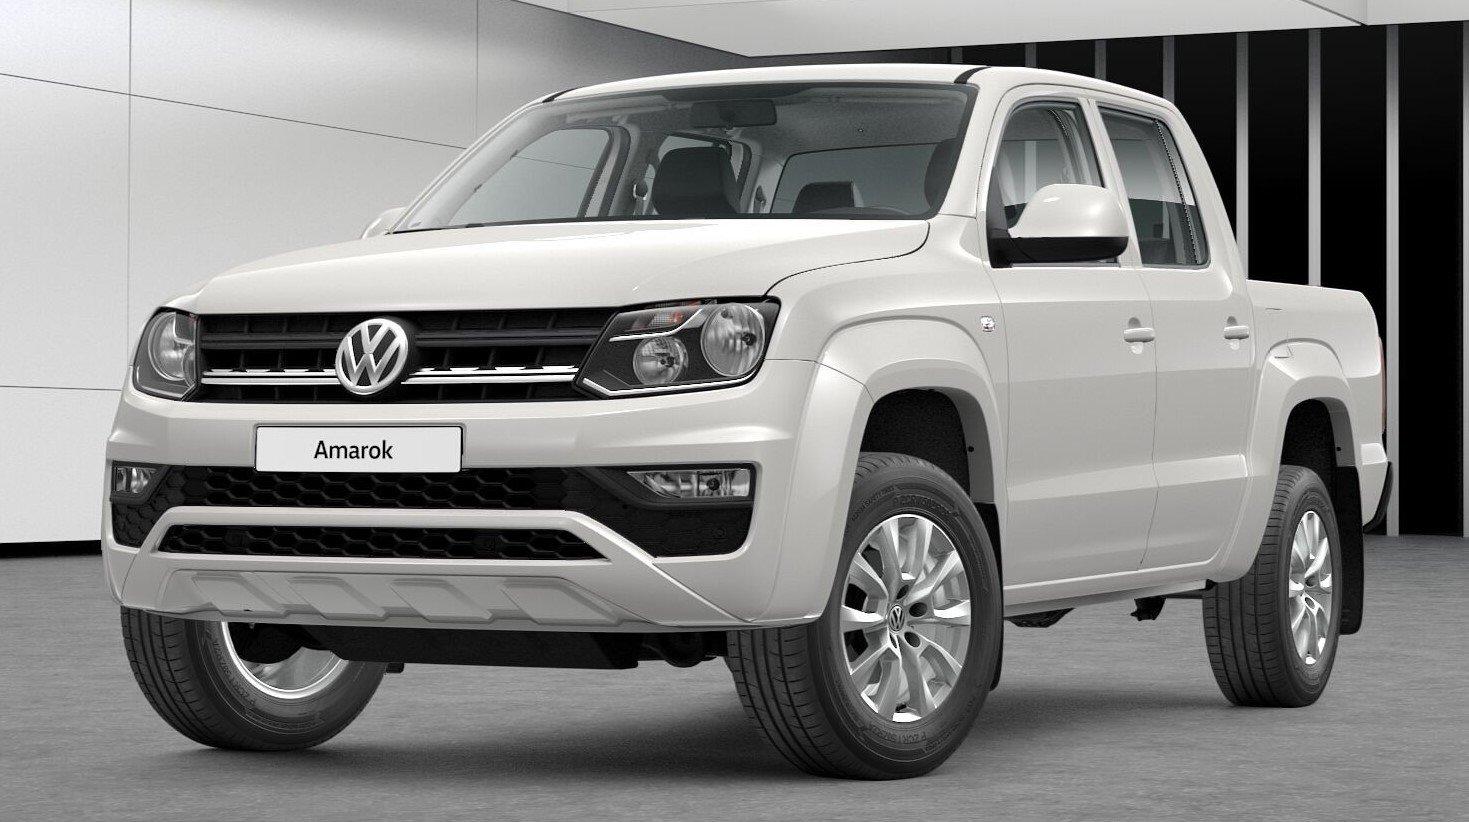 VW lança Amarok Comfortline Biturbo automática, versão intermediária mais equipada